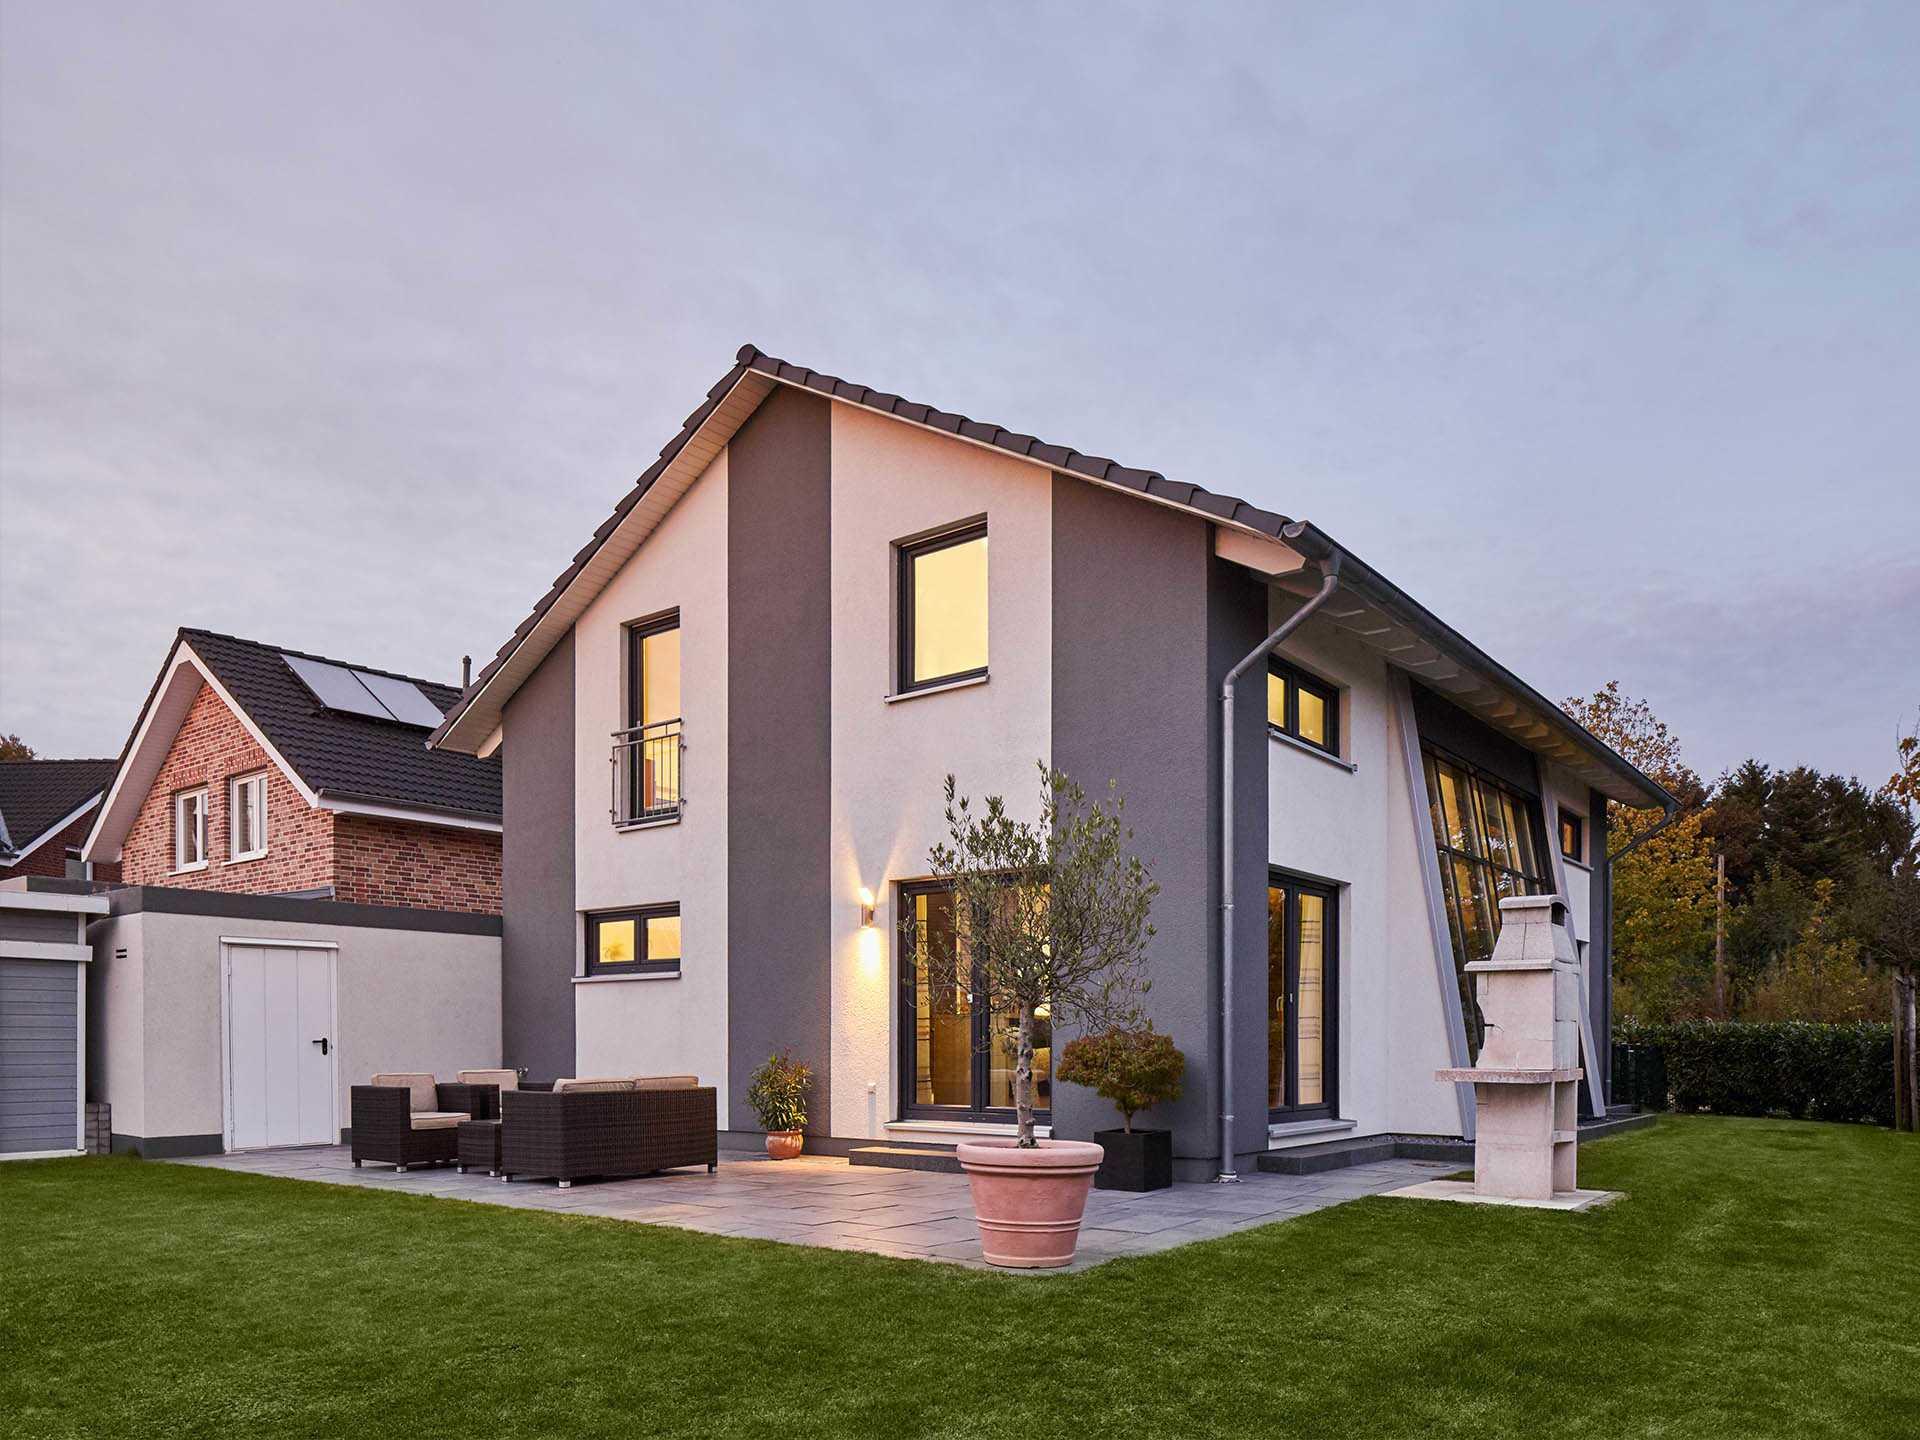 Allkauf Haus - Grundrisse, Häuser, Preise